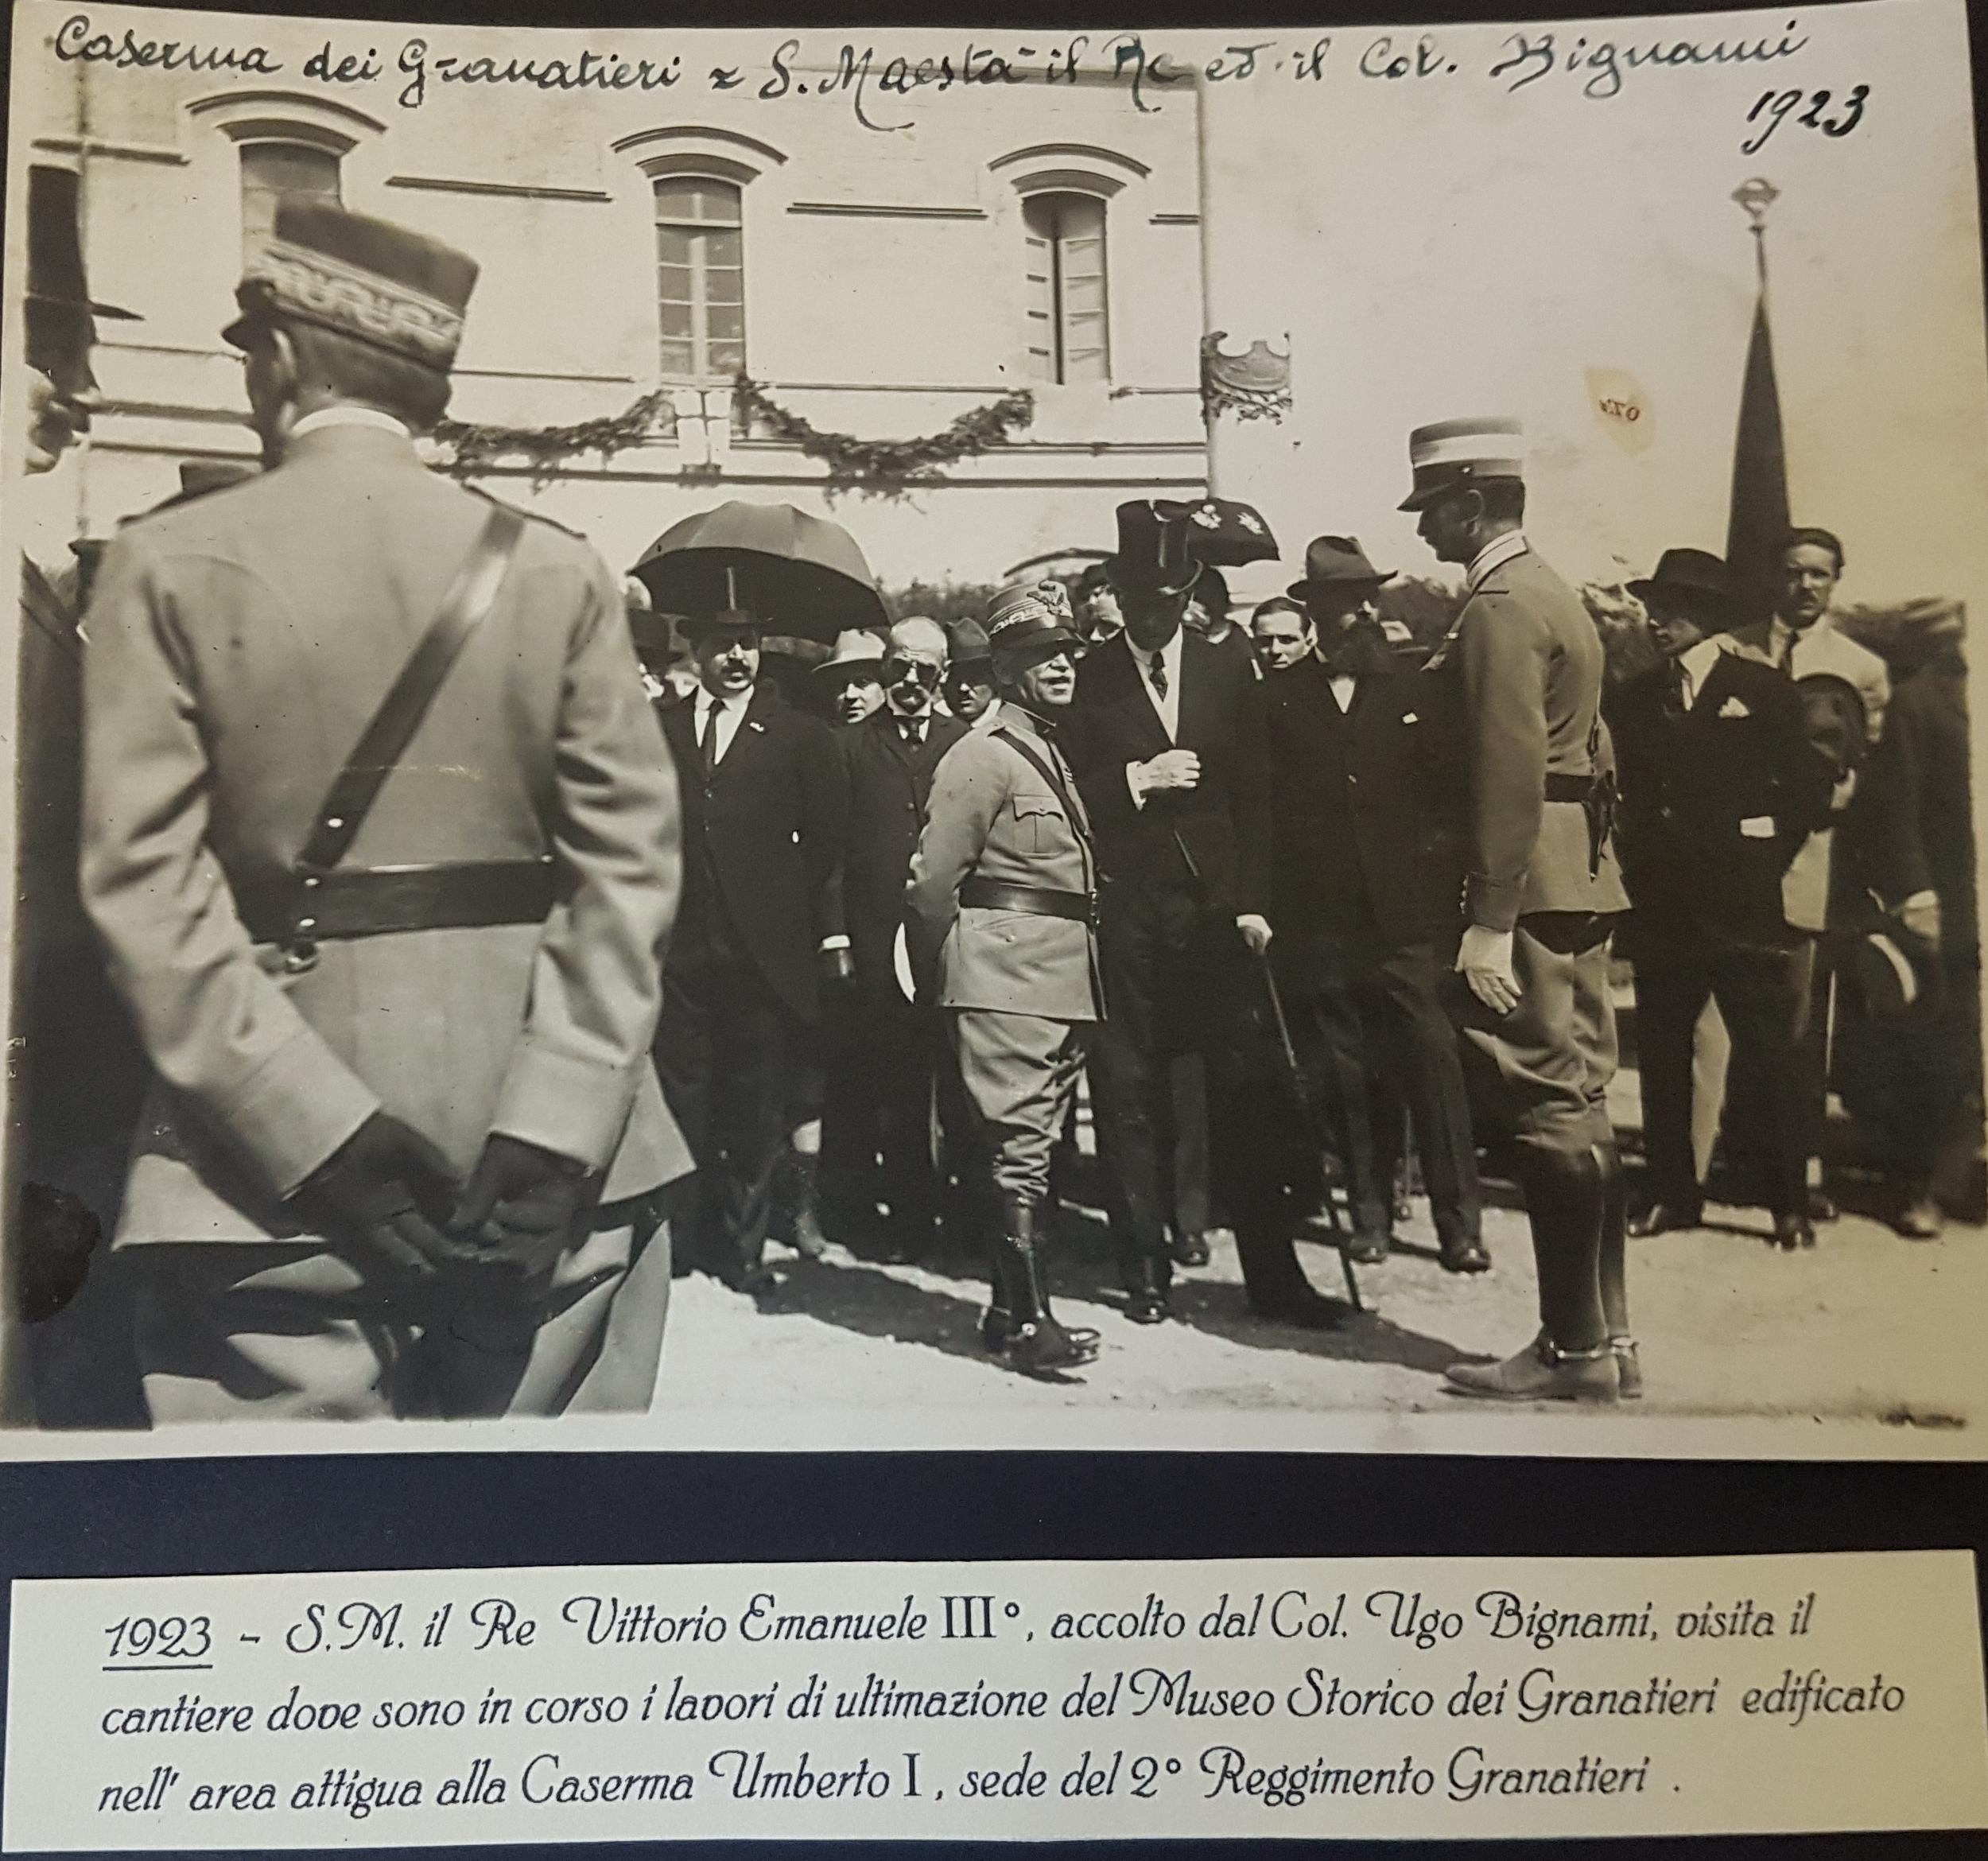 1923 -S.M il Re Vittorio Emanuele III visita il cantiere del Museo Storico dei Granatieri